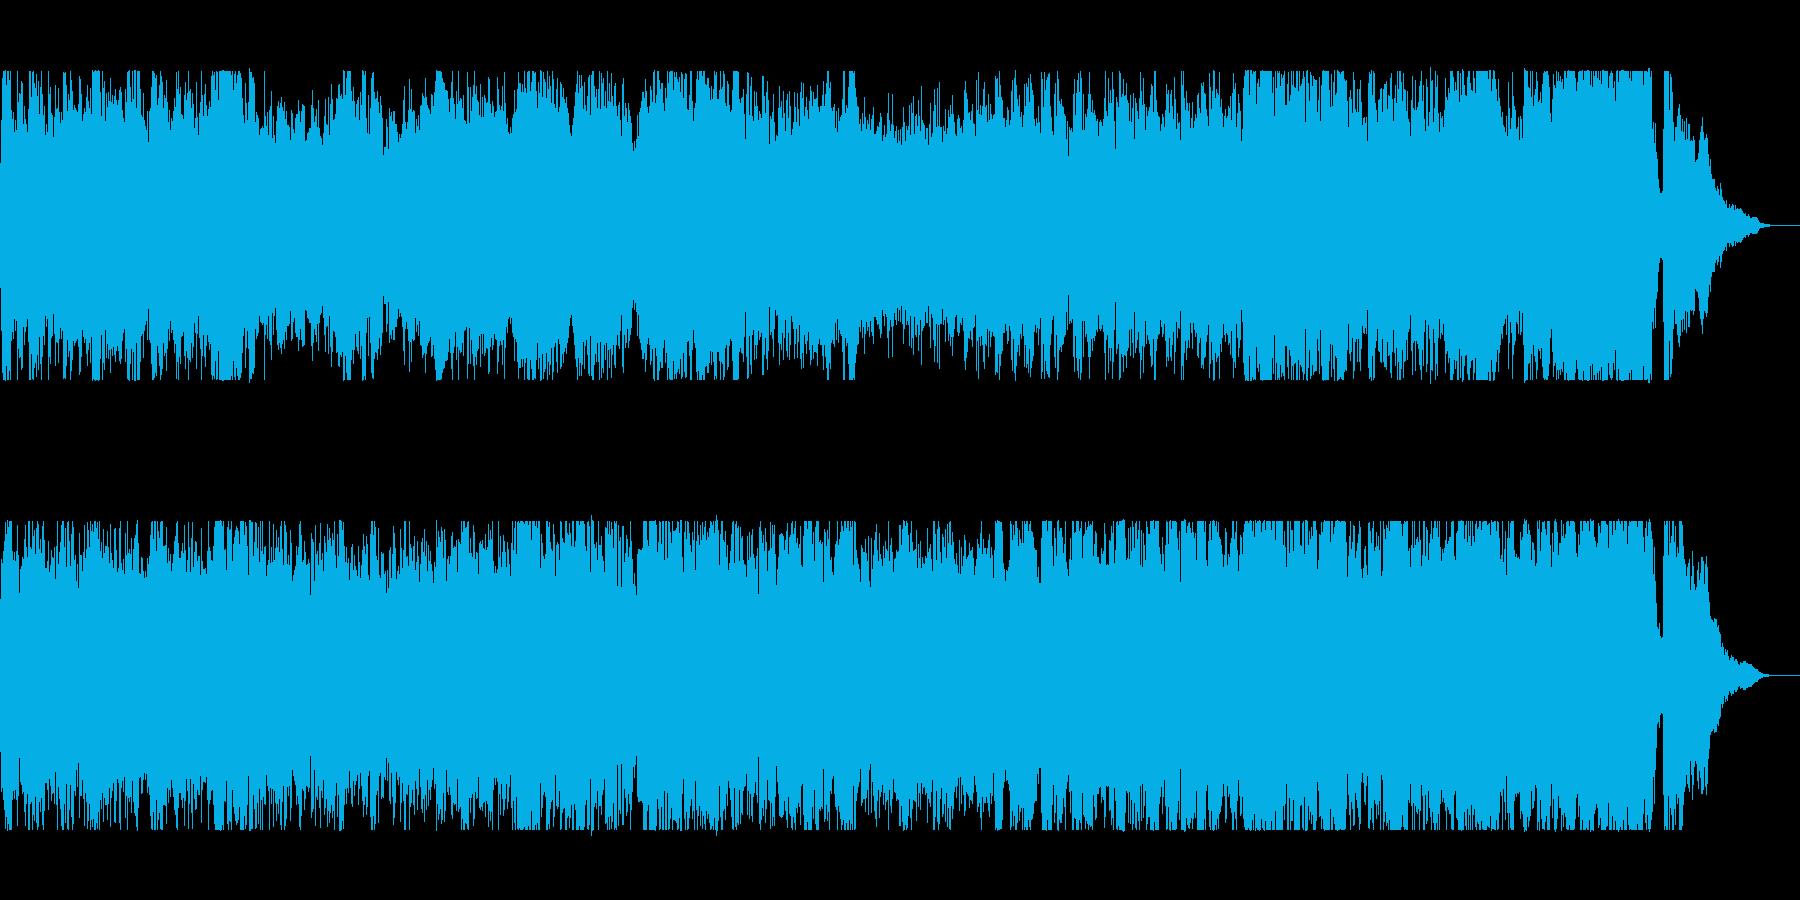 疾走感とワクワク感のシンセ管打楽器の再生済みの波形